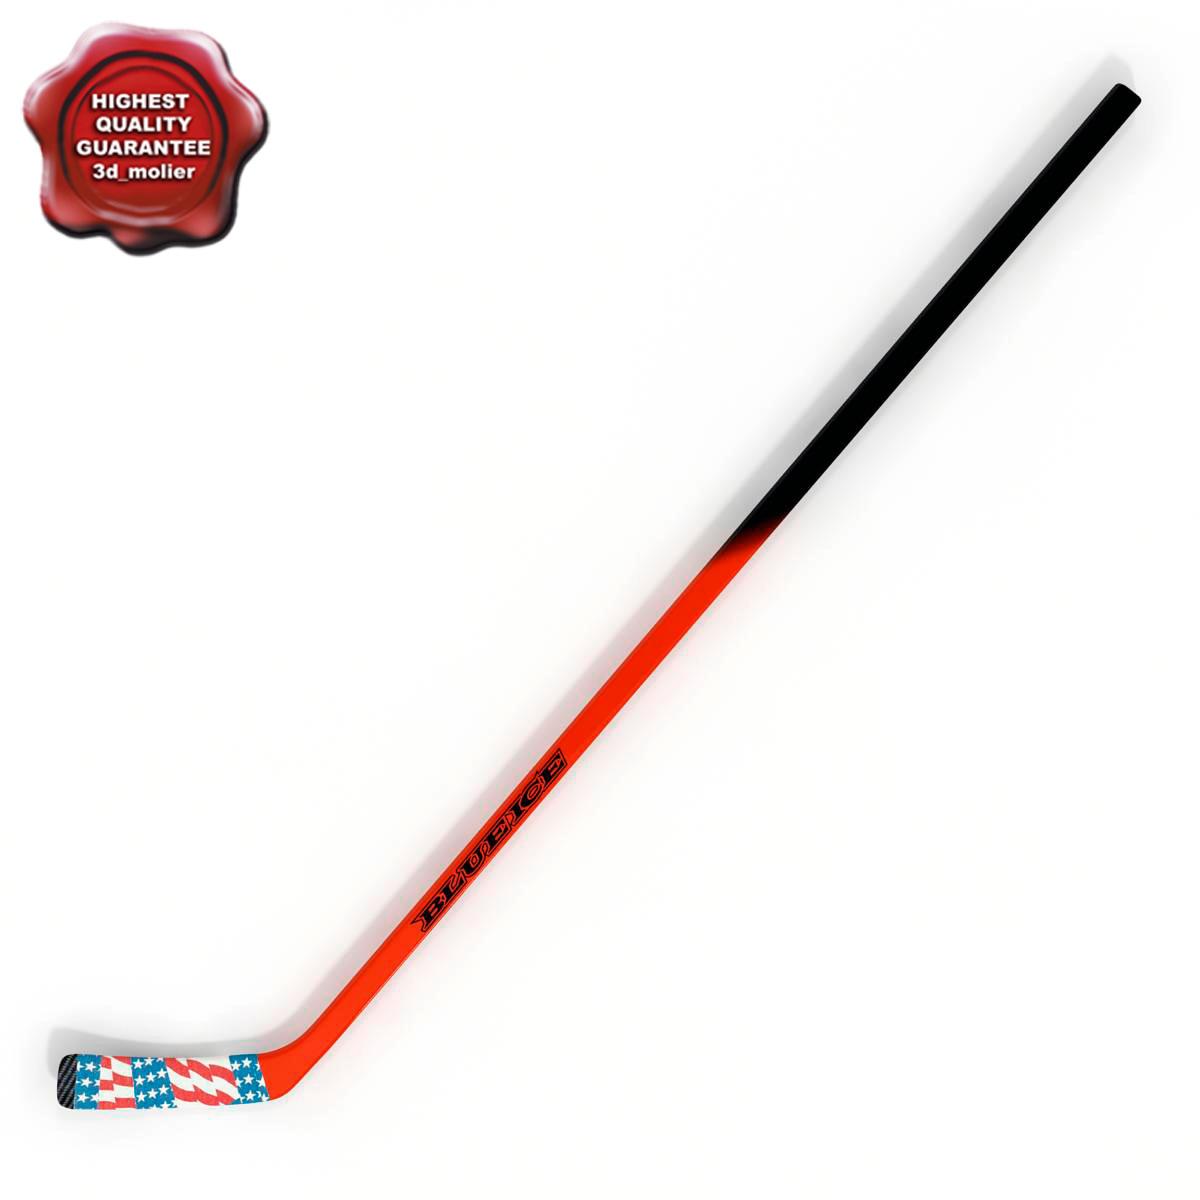 Hockey_Stick_V3_00.jpg